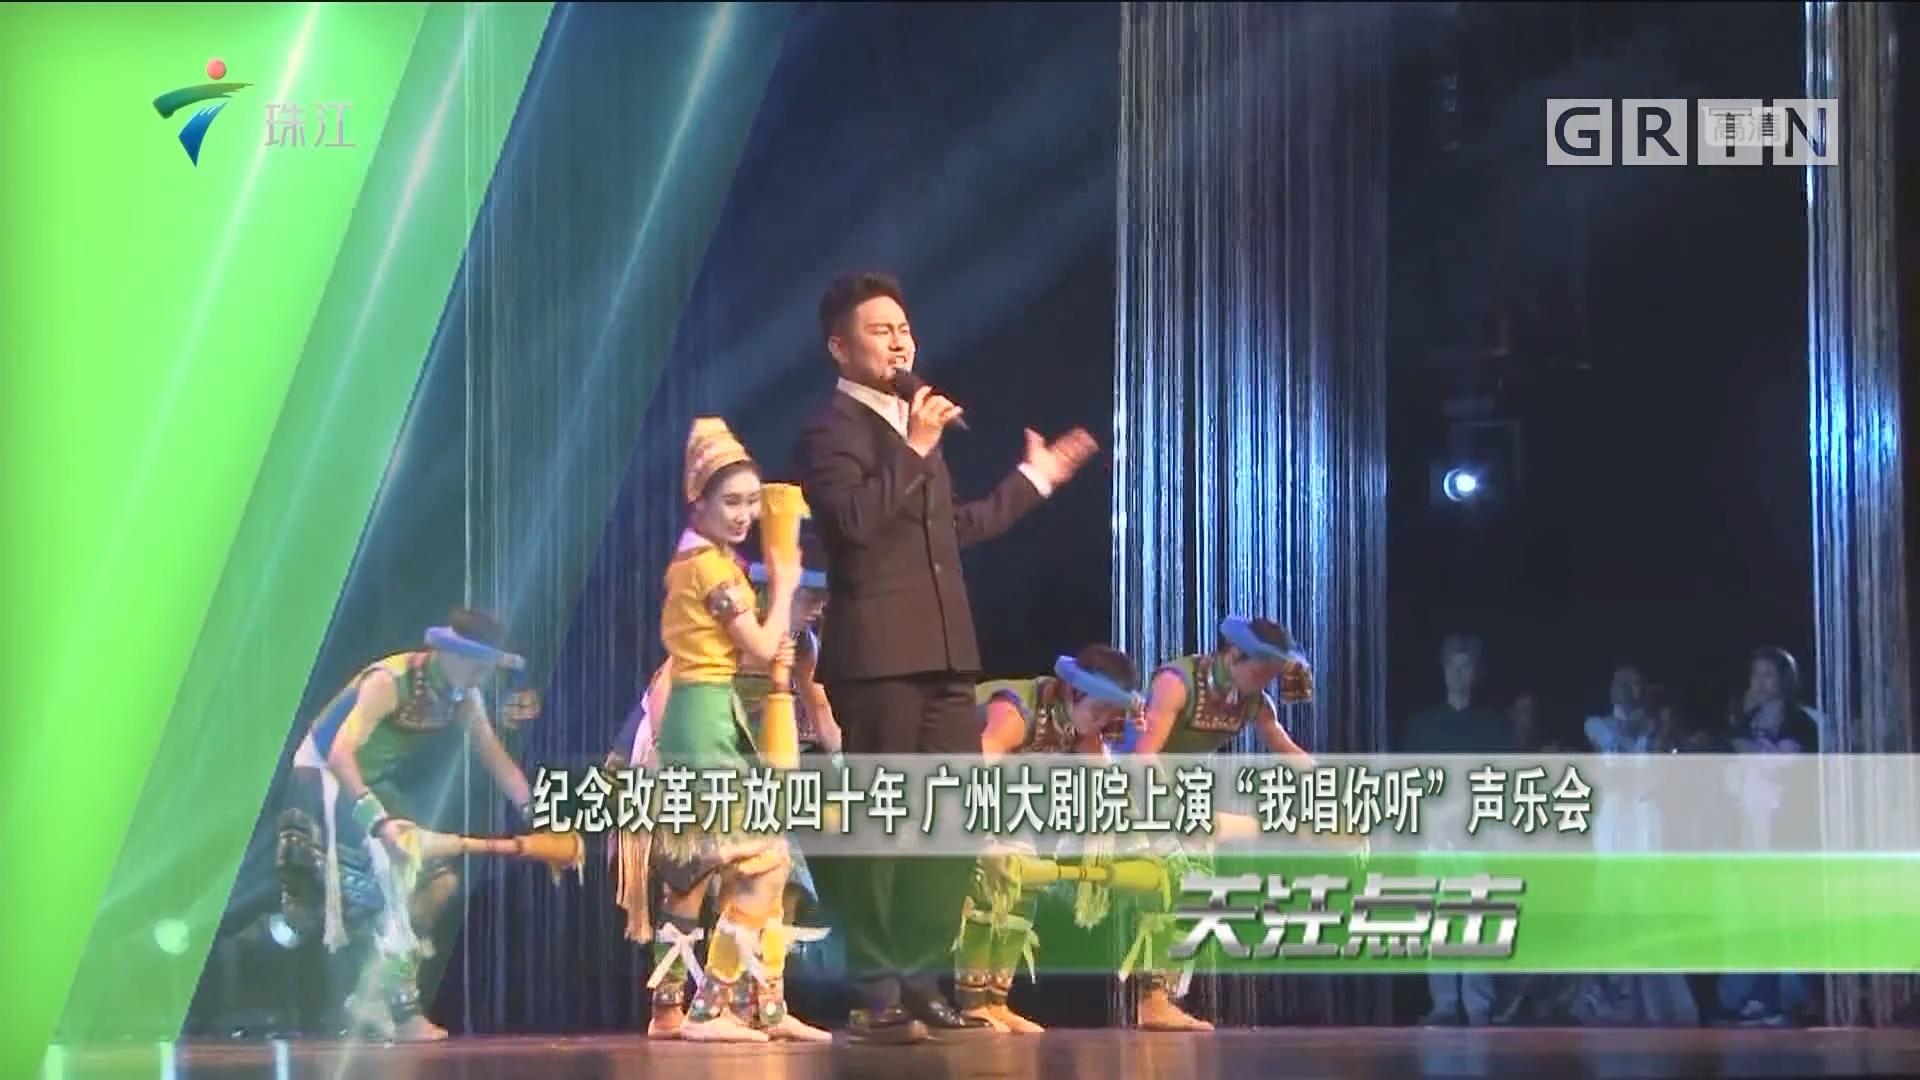 """纪念改革开放四十年 广州大剧院上演""""我唱你听""""声乐会"""